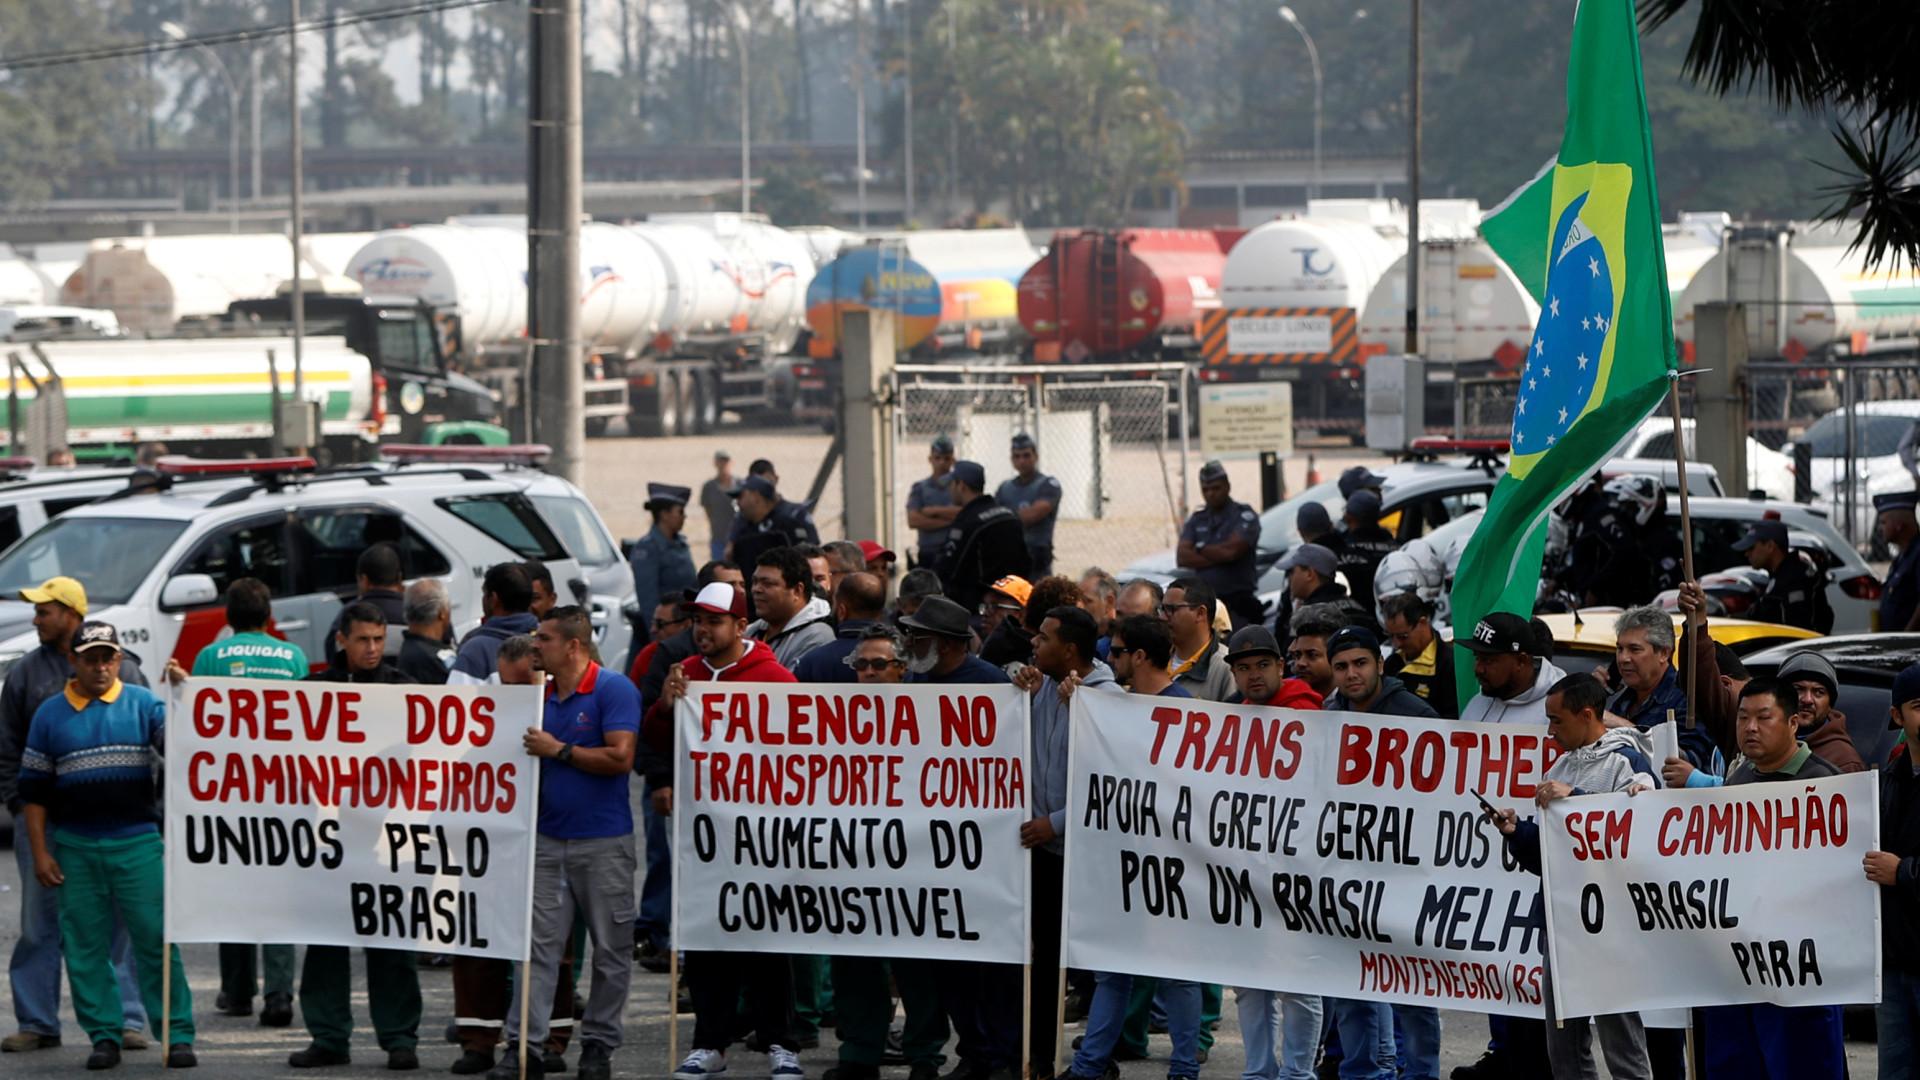 Greve dos camionistas no Brasil sobe preço da batata para... 116 euros